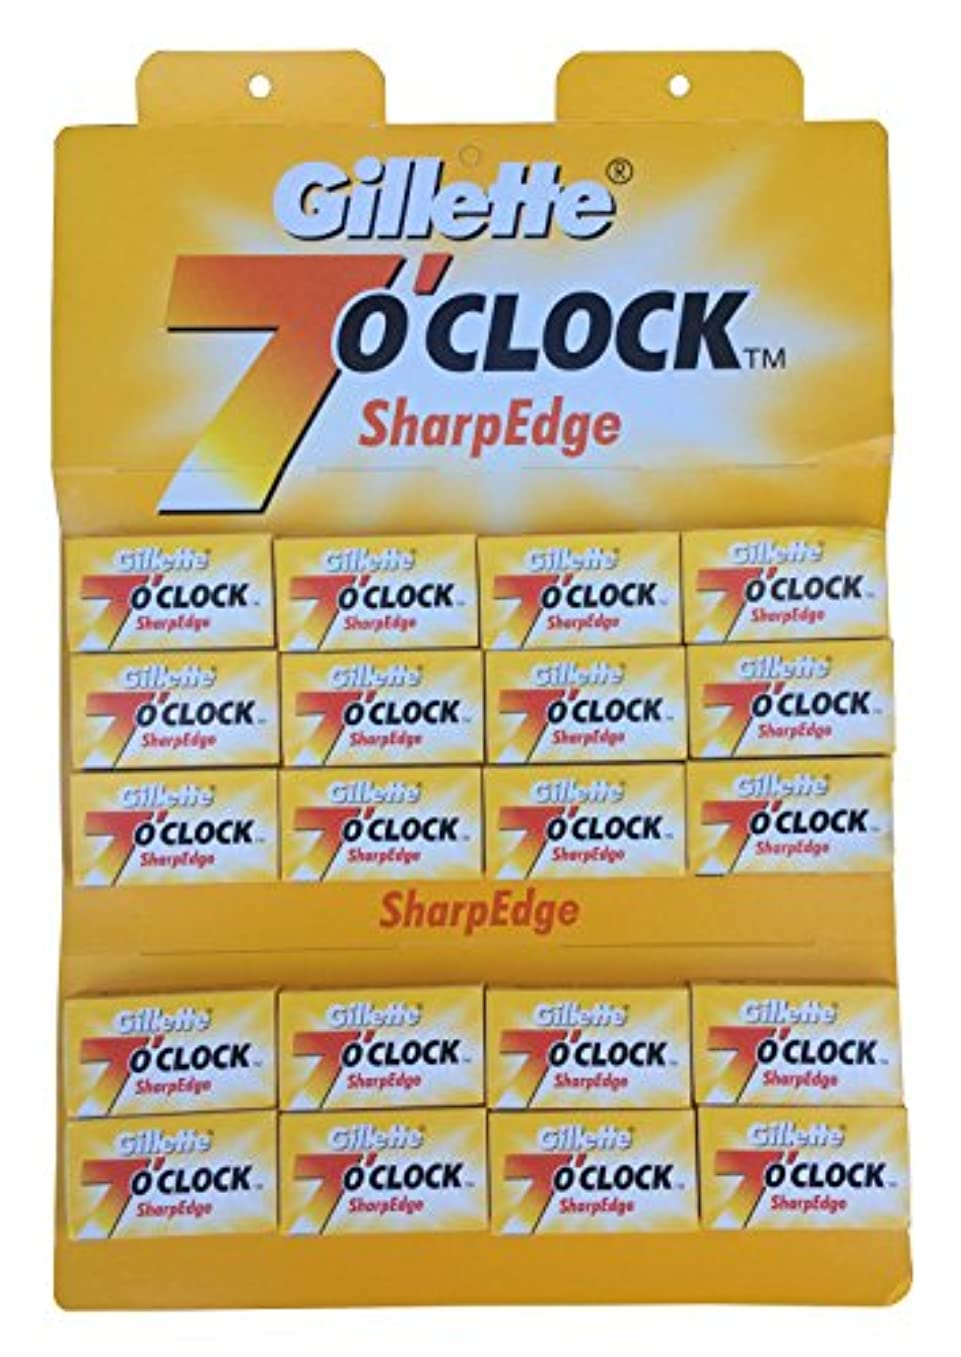 どきどき立方体検索Gillette 7 0'Clock SharpEdge 両刃替刃 100枚入り(5枚入り20 個セット)【並行輸入品】